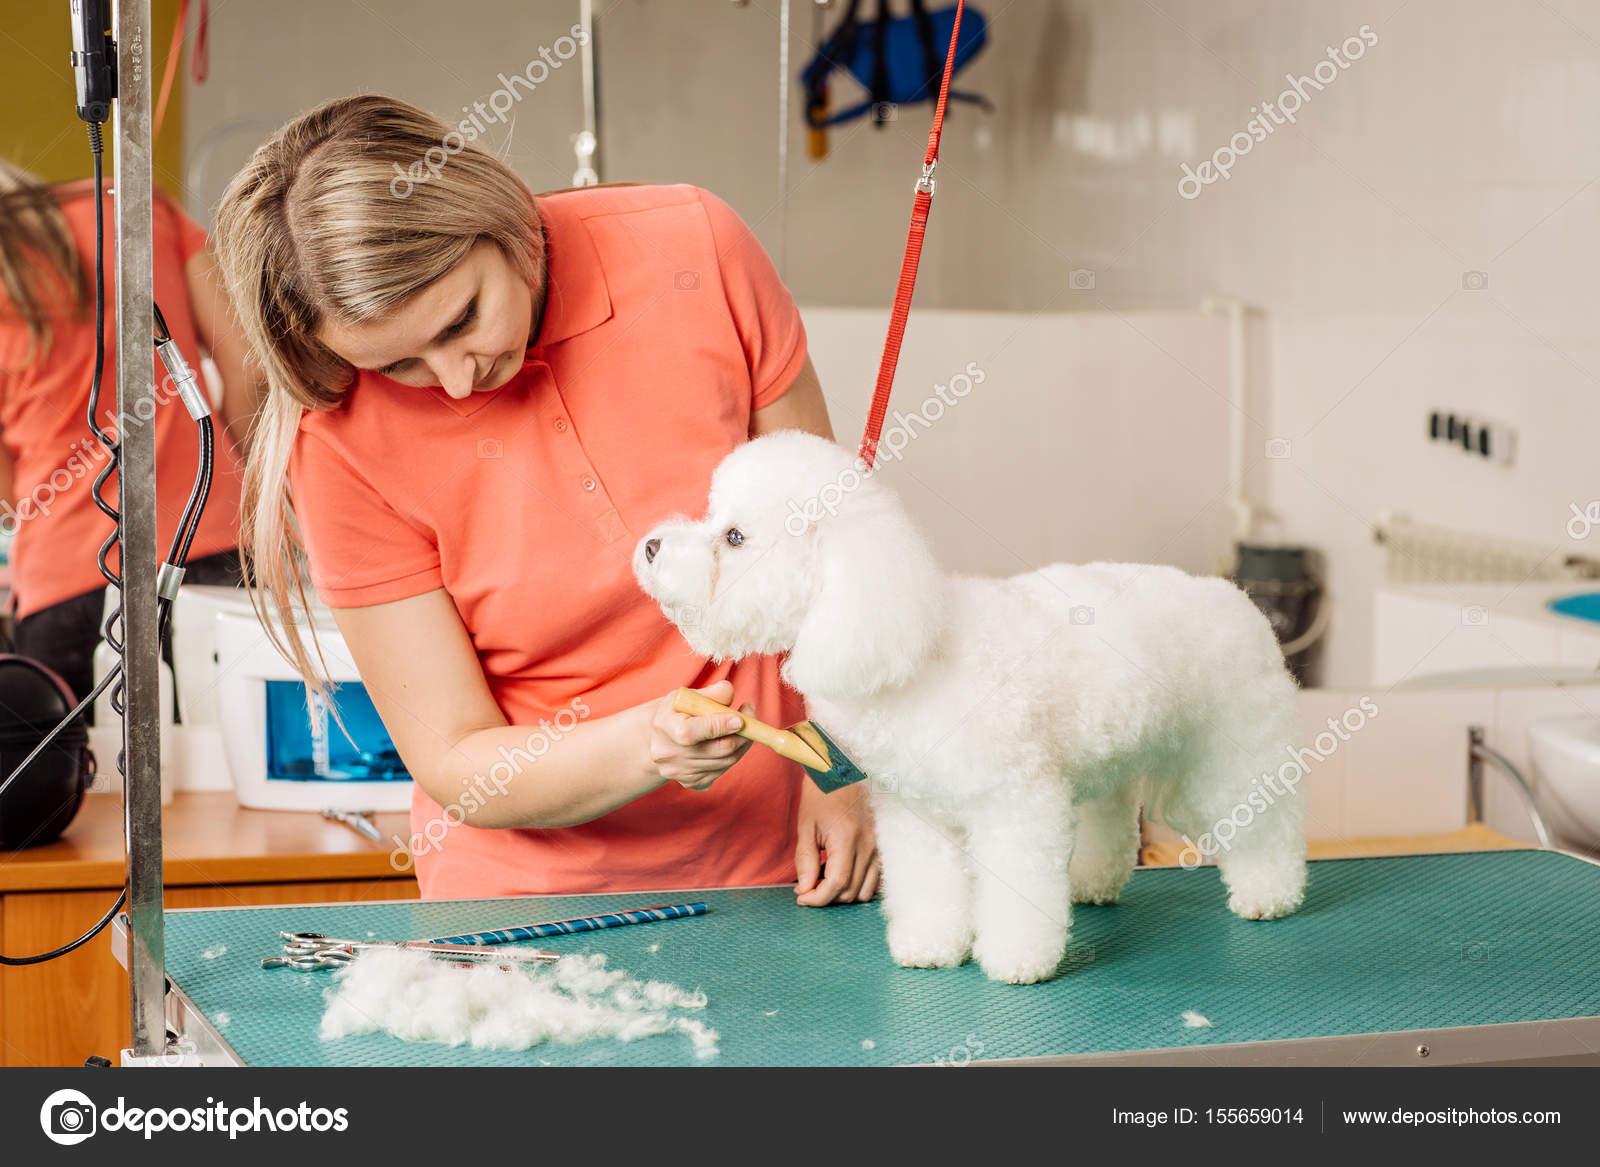 Kletterausrüstung Für Hunde : Hund mit werkzeug pflege zur fachbildung haar u2014 stockfoto